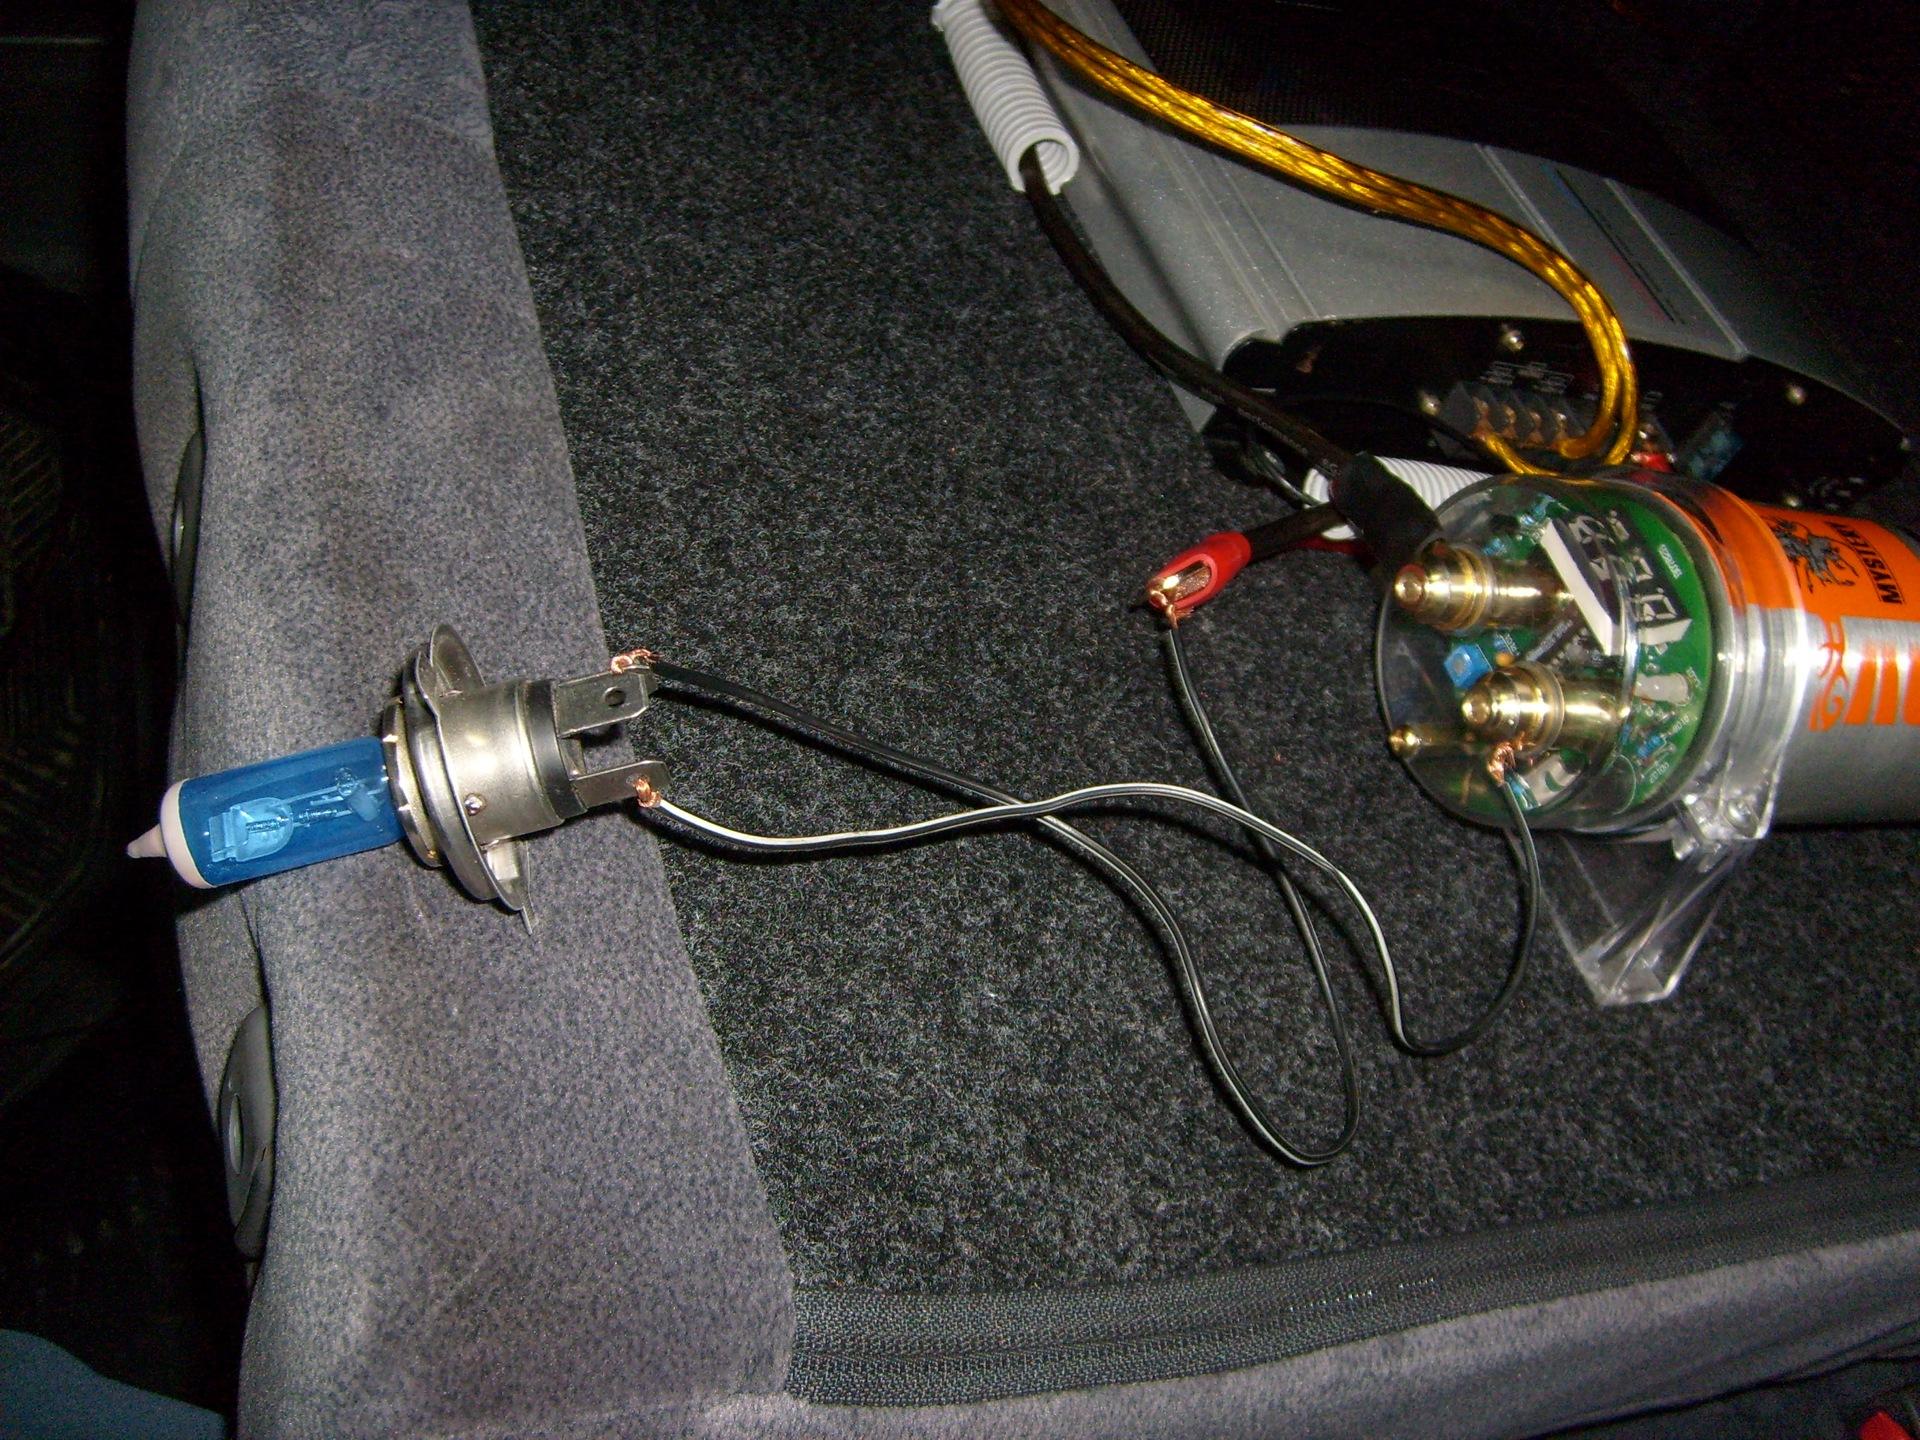 схема подключения сабвуфера и усилителя fusion